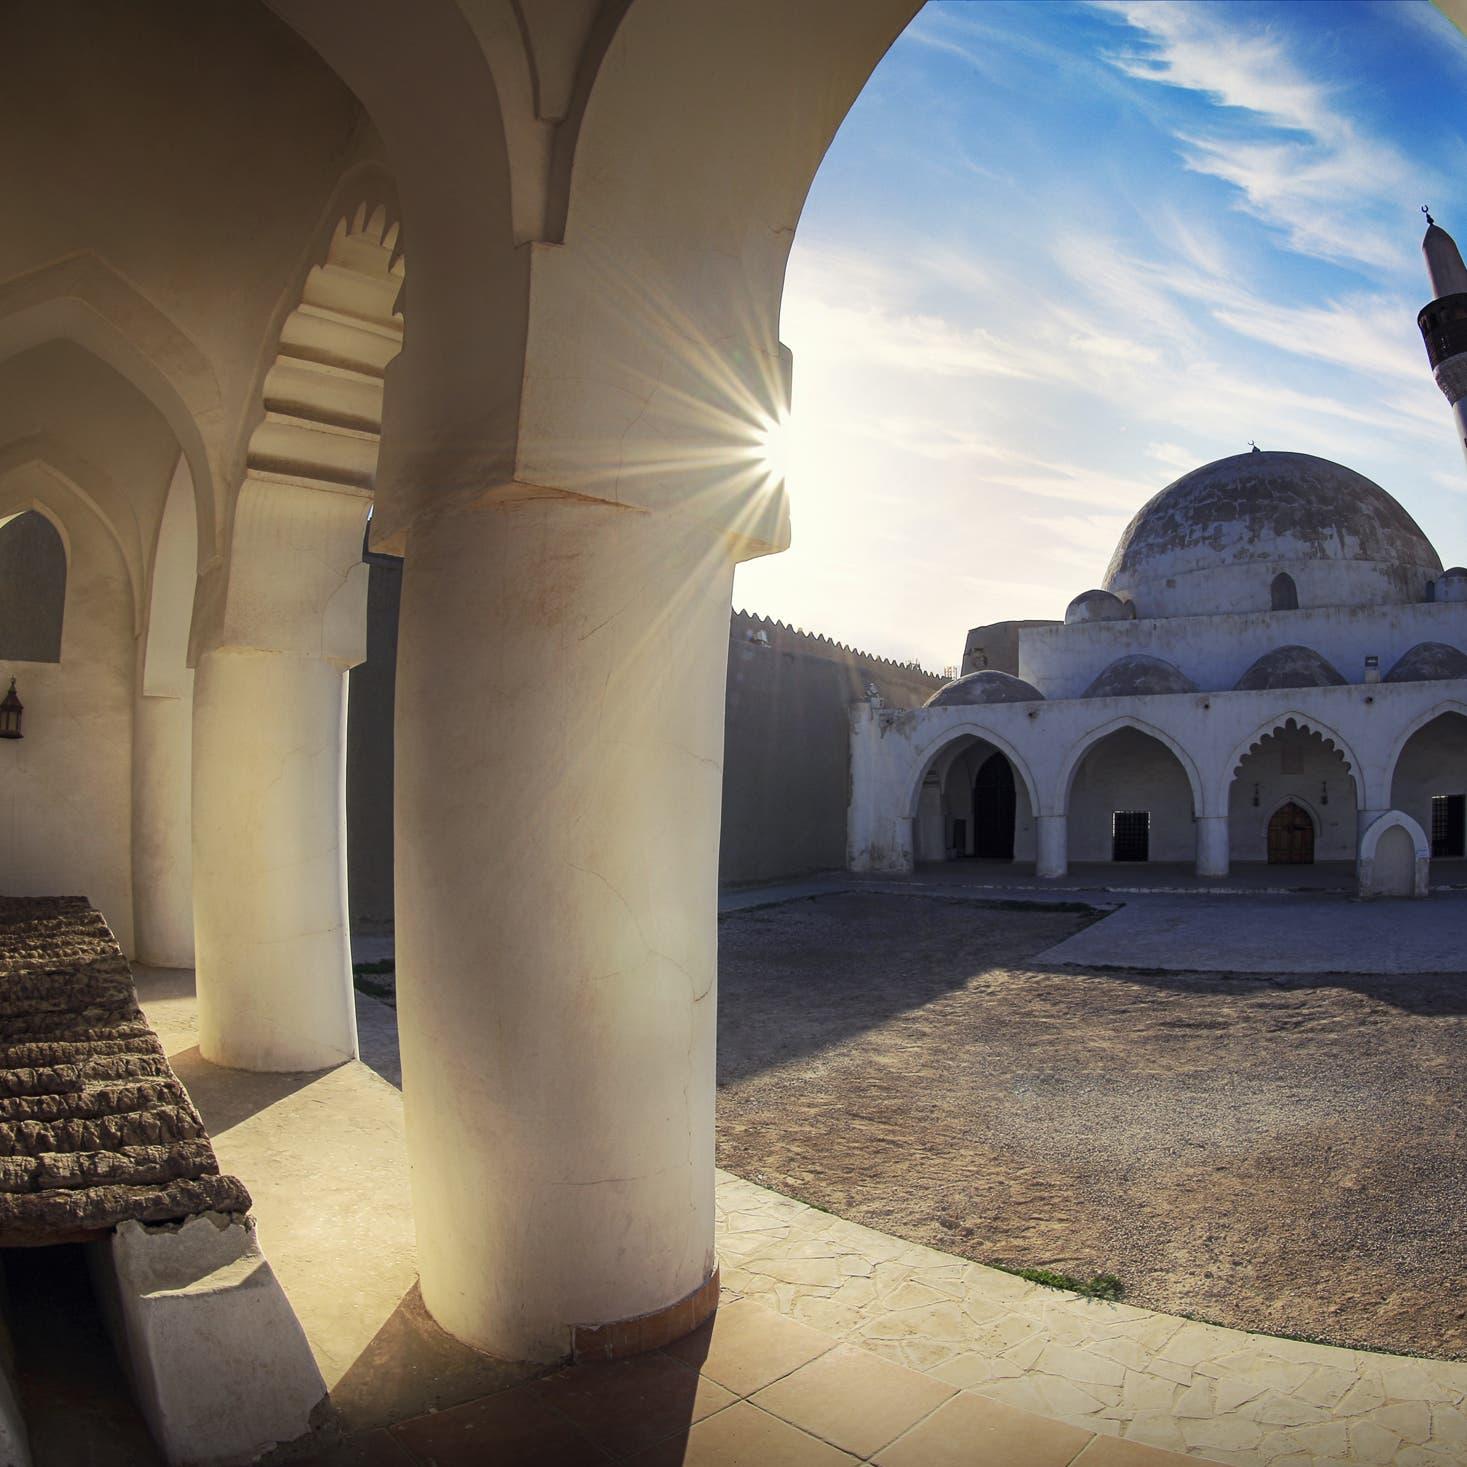 اختيار الأحساء عاصمة للسياحة العربية لعام 2019